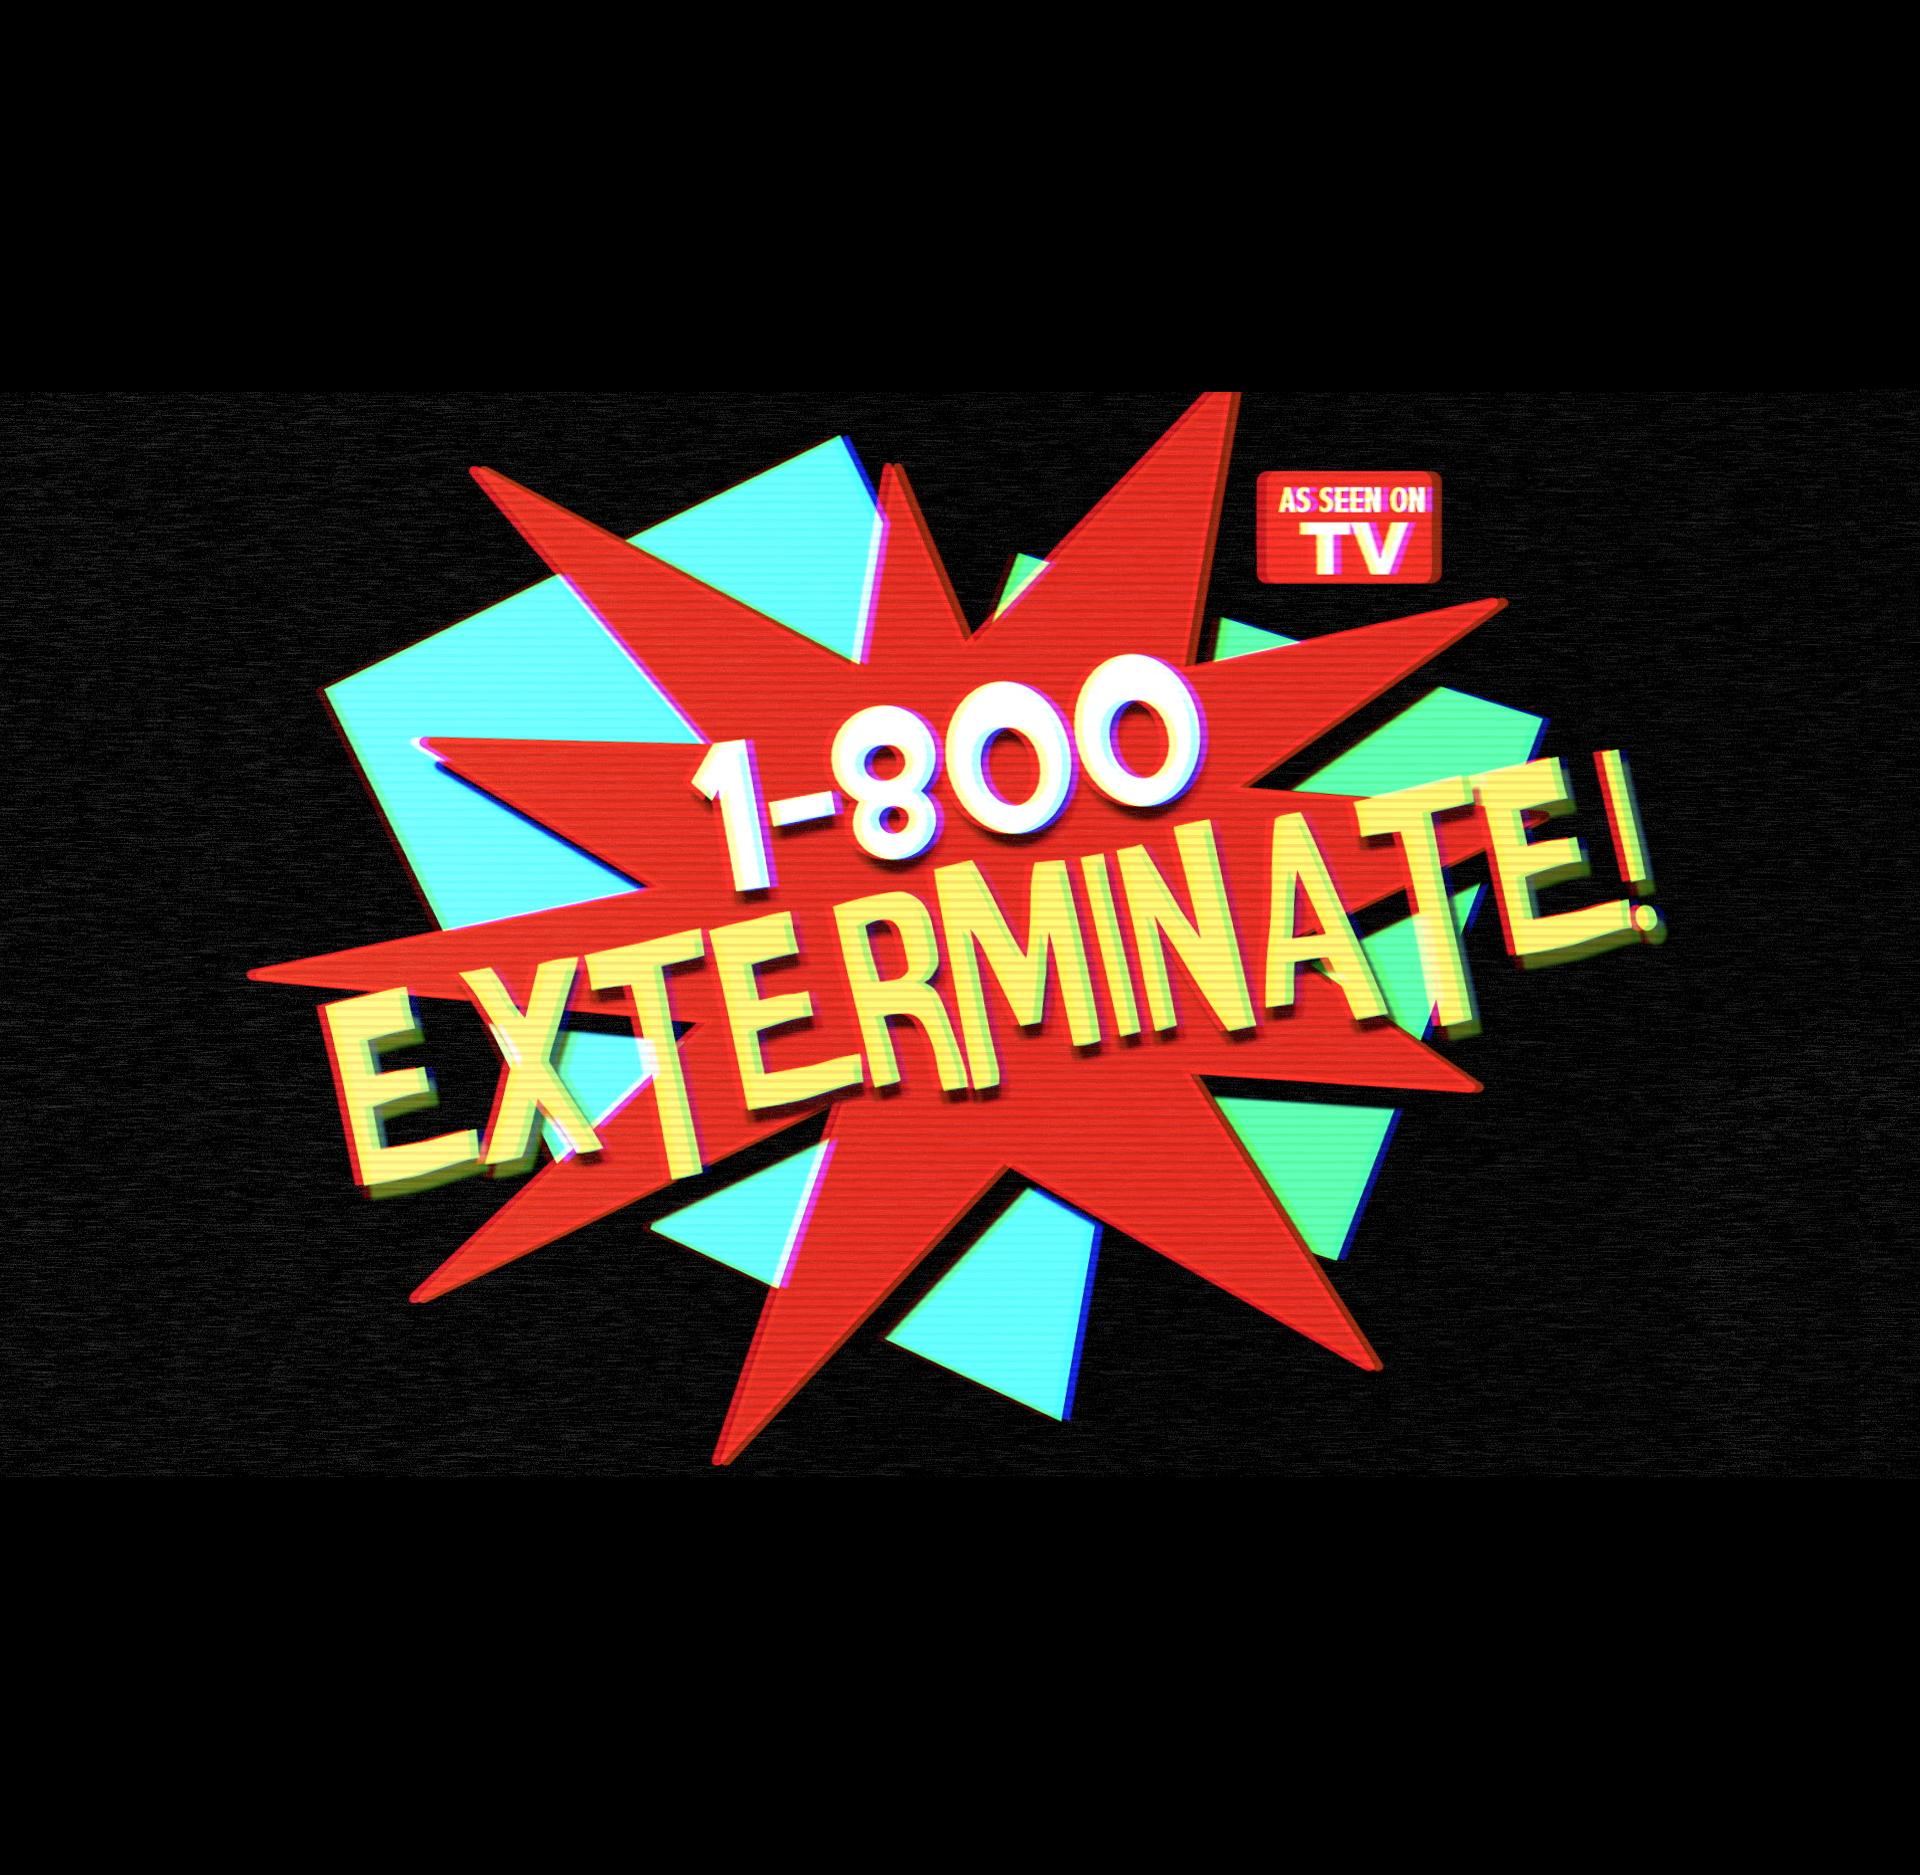 1-800-EXTERMINATE!